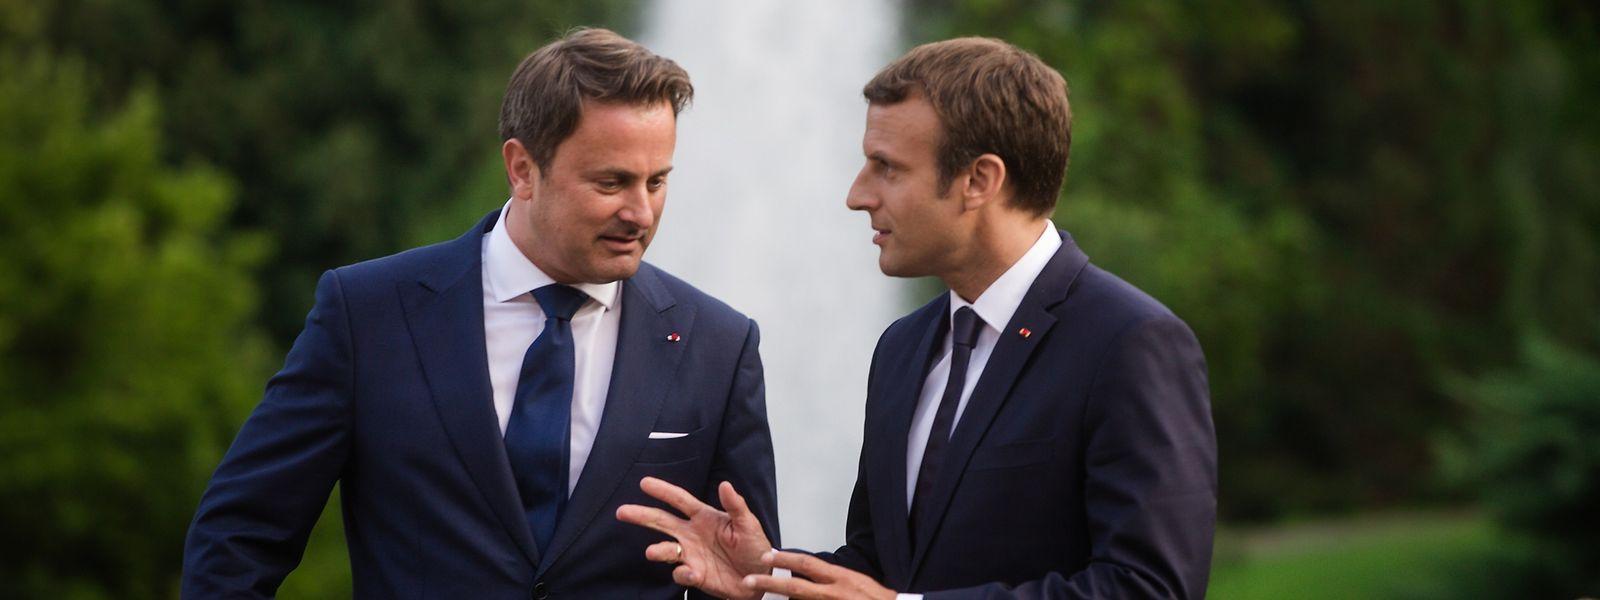 Der französische Präsident Emmanuel Macron war Ende August zu Besuch in Luxemburg. Bei dem Treffen mit Premier Xavier Bettel ging es vorrangig um Fragen der europäischen Zusammenarbeit.